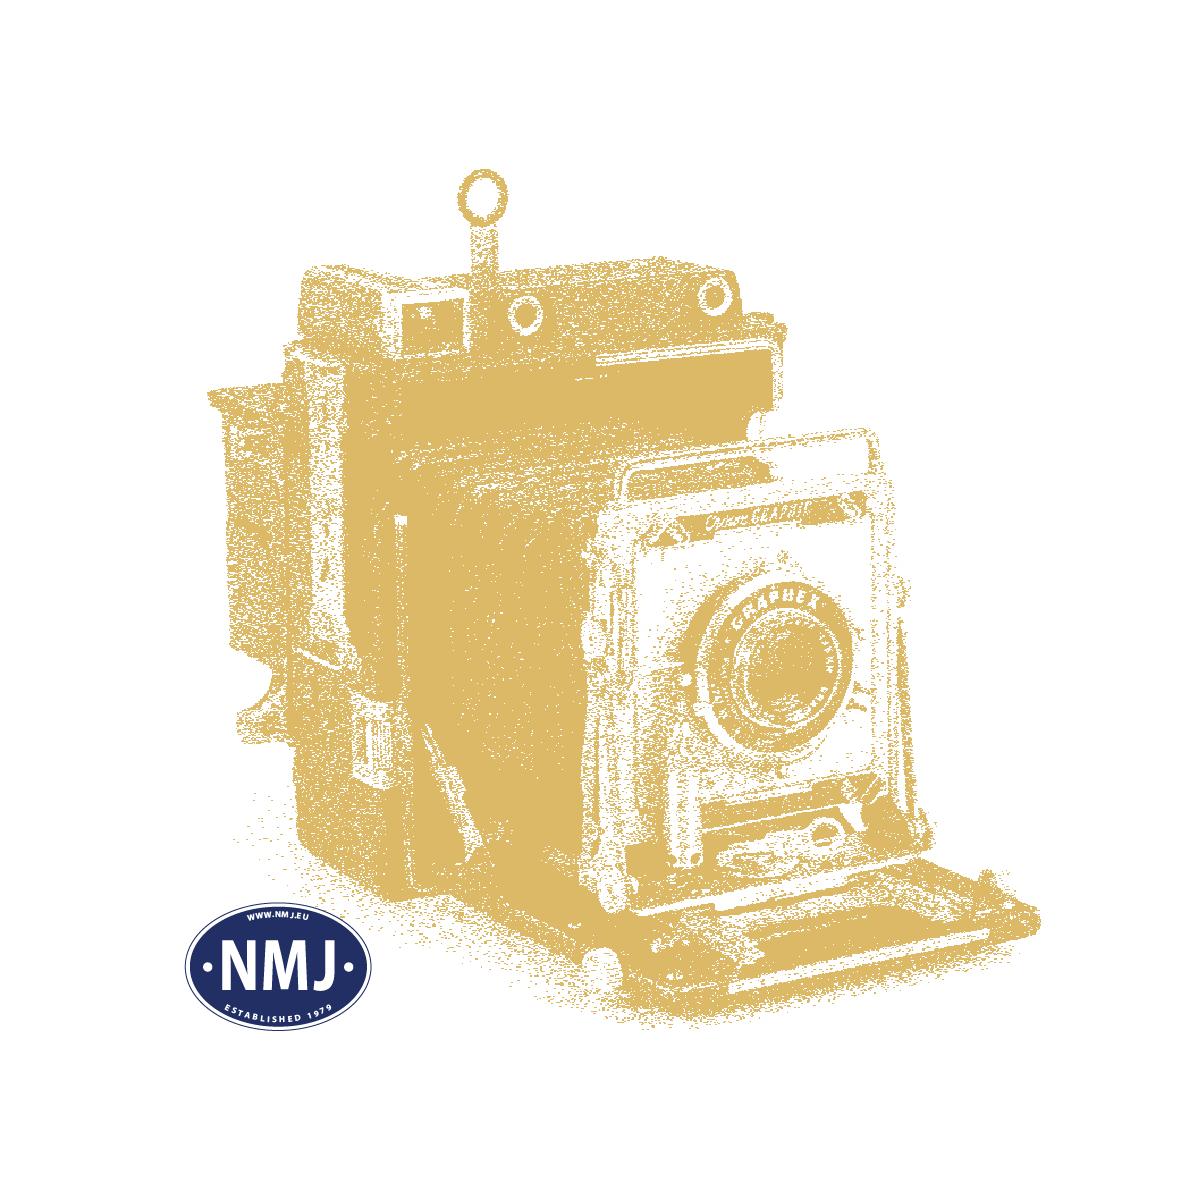 NJKPS180 - På Sporet nr 180, blad